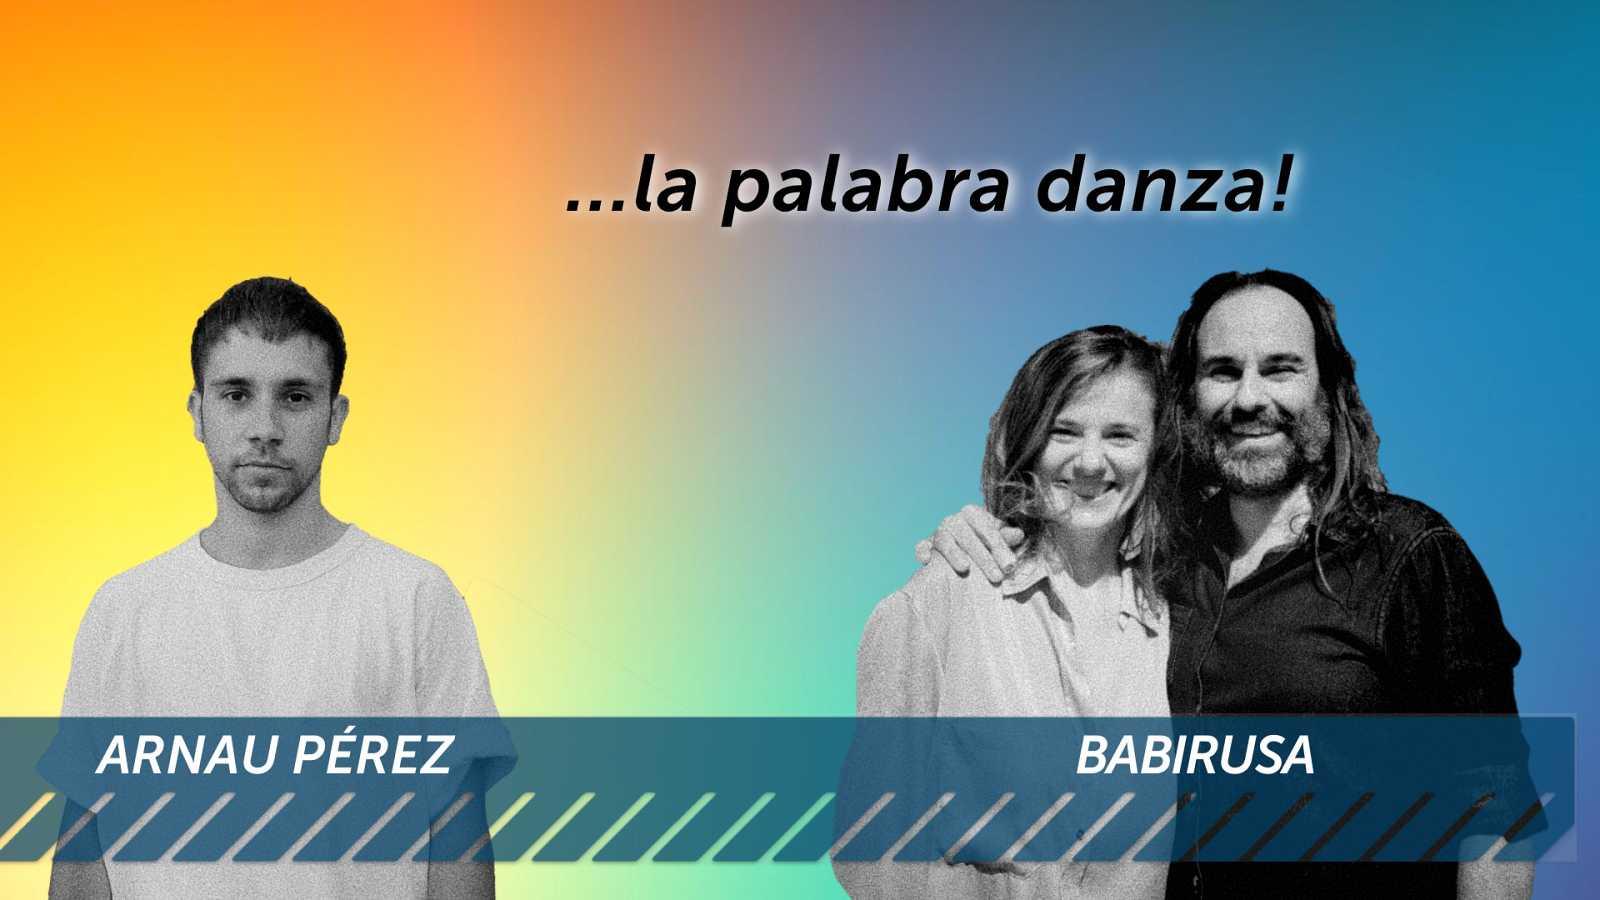 Buzón de baile - RESPONSABILIDAD - REGOCIJO - 08/04/21 - ver ahora